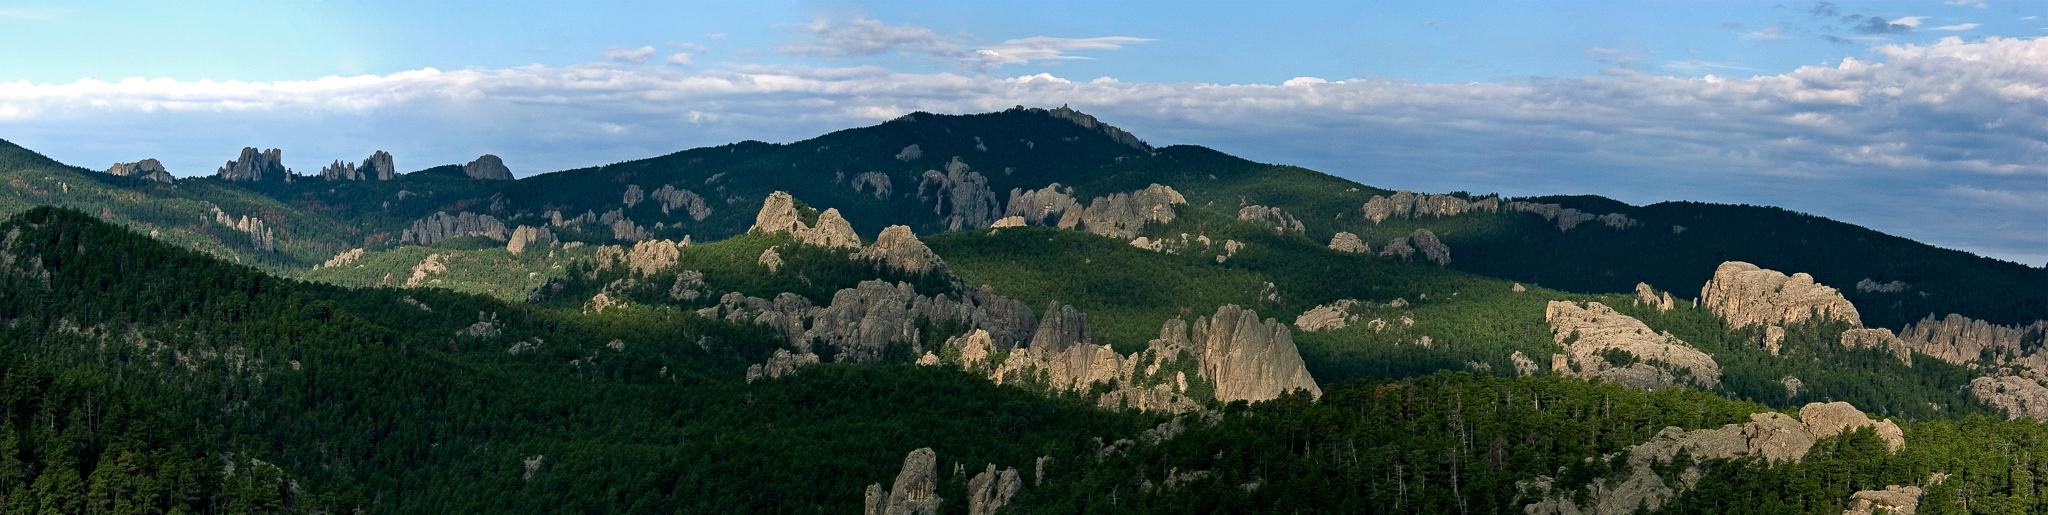 Black Hills National Forest   Black Hills & Badlands - South ...